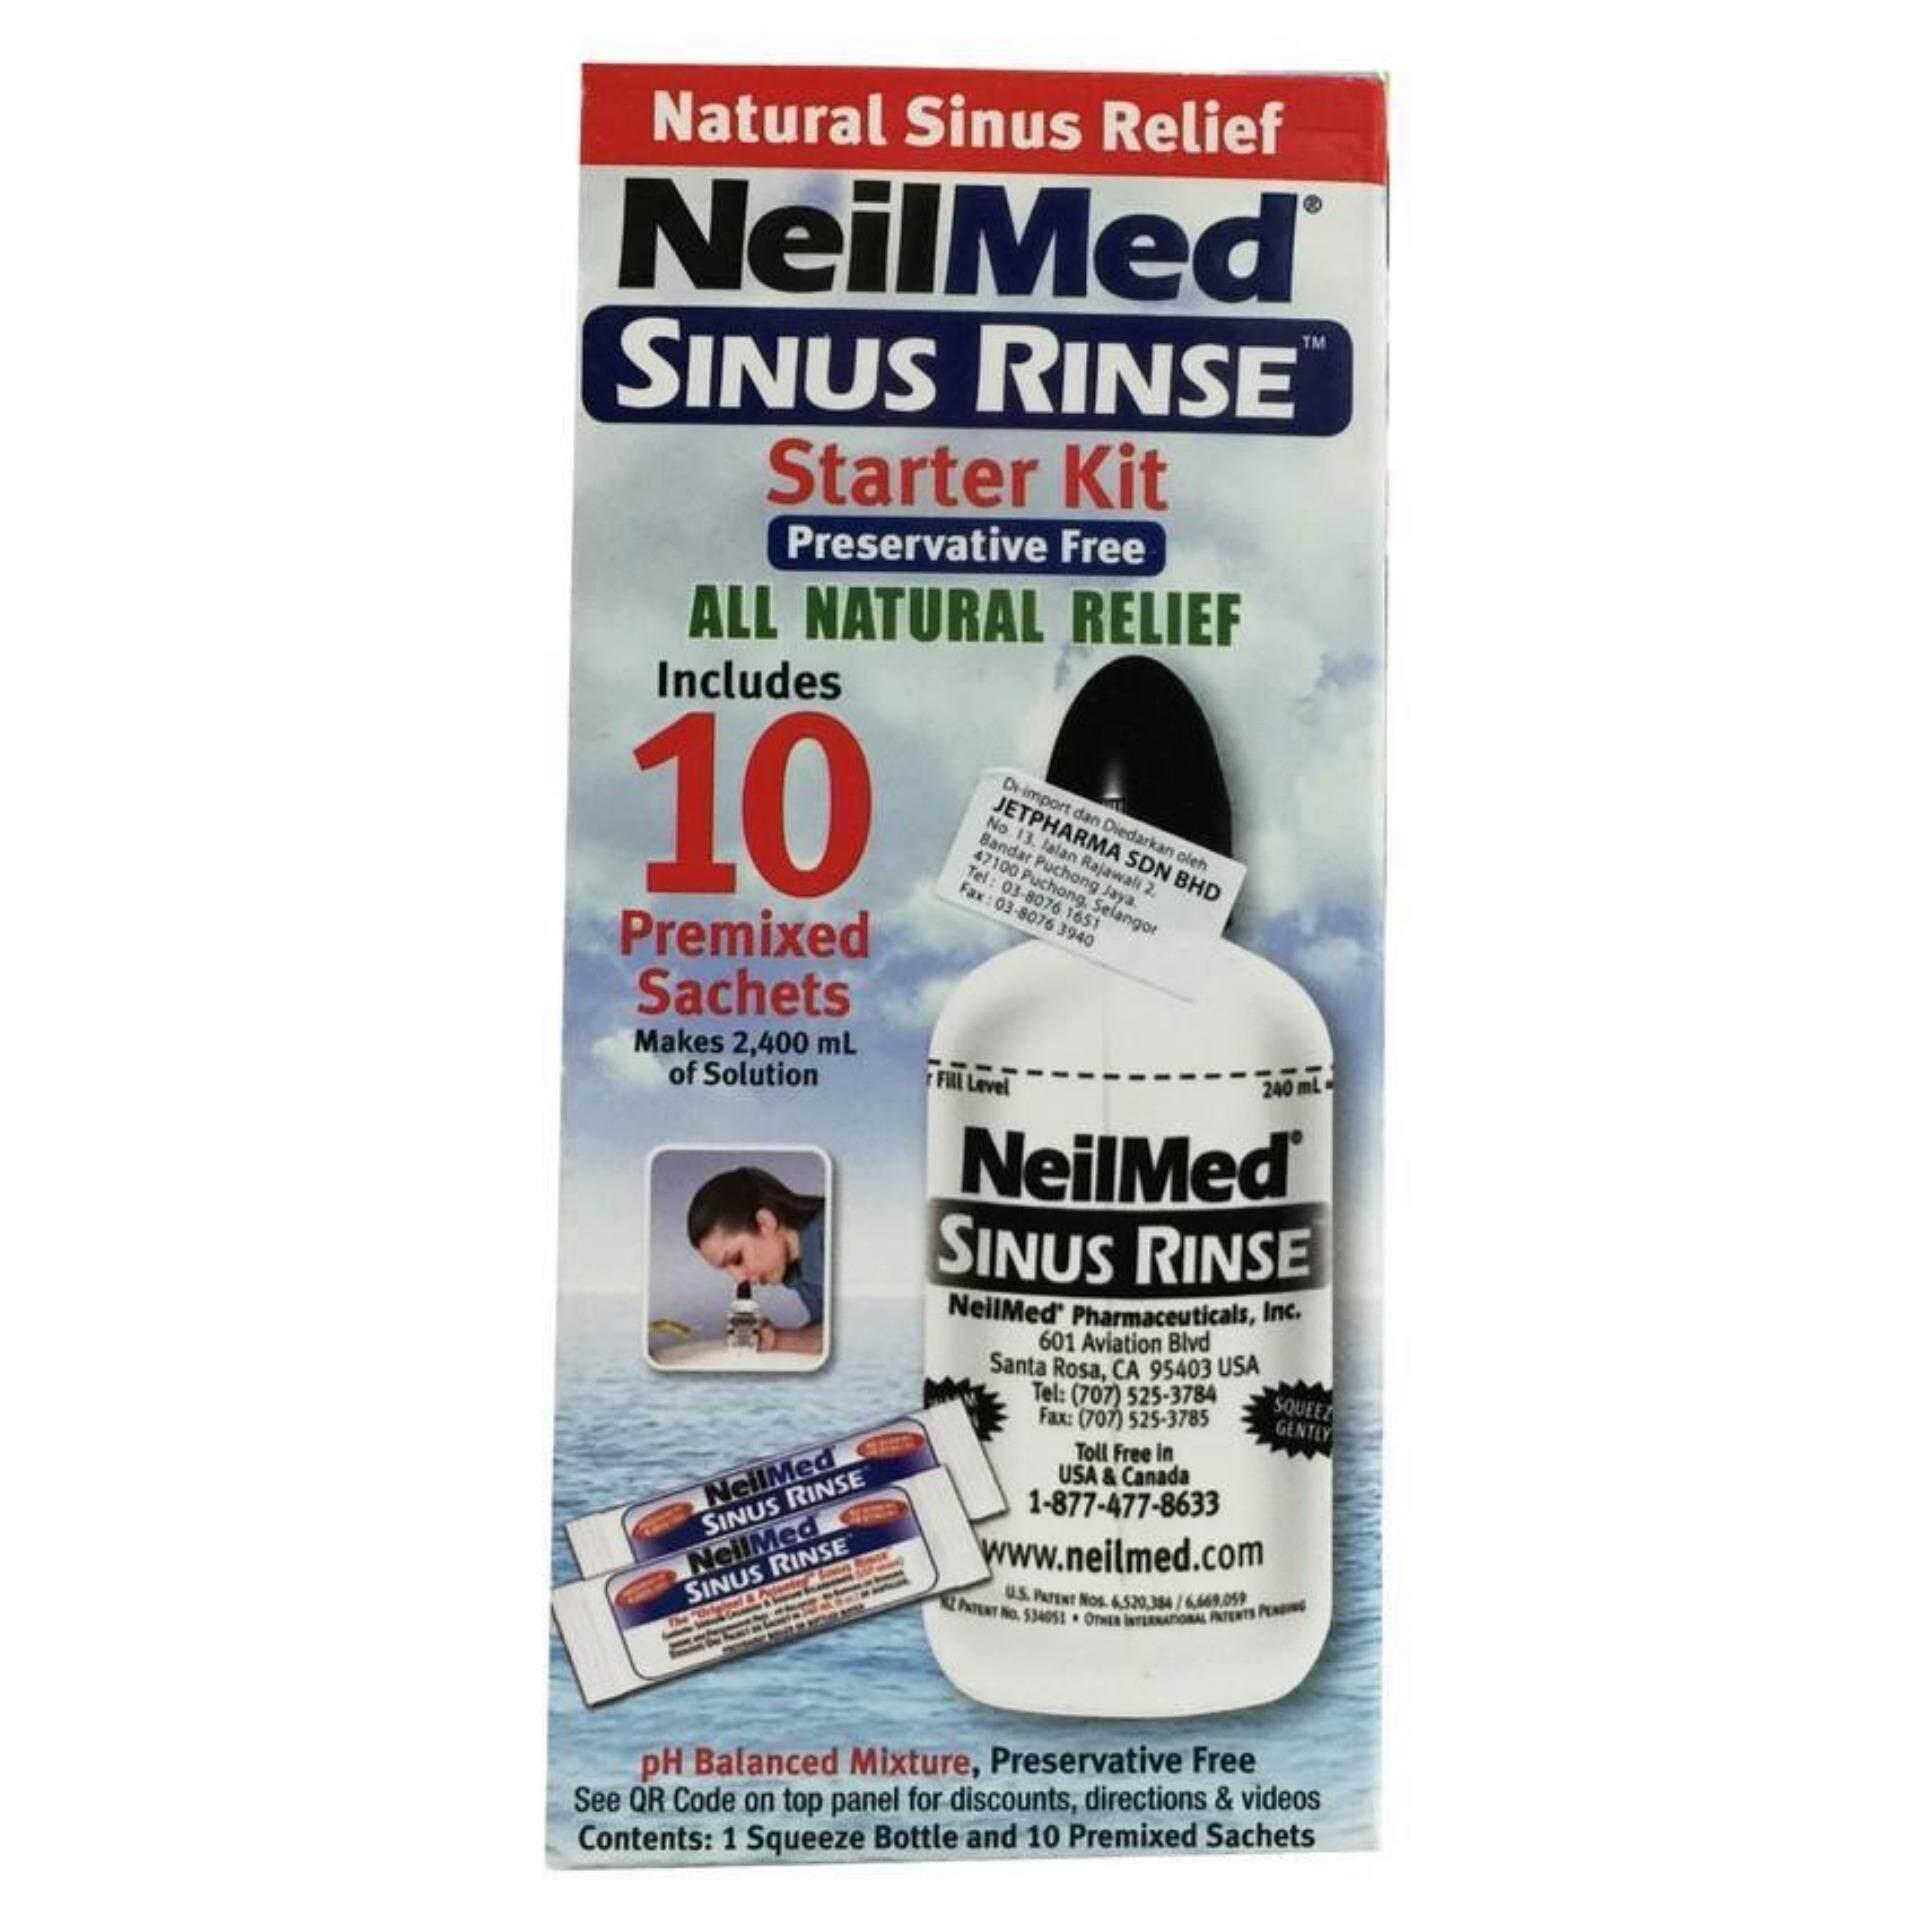 NeilMed Sinus Rinse Nasal Wash Starter Kit + 10 Premixed Sachets